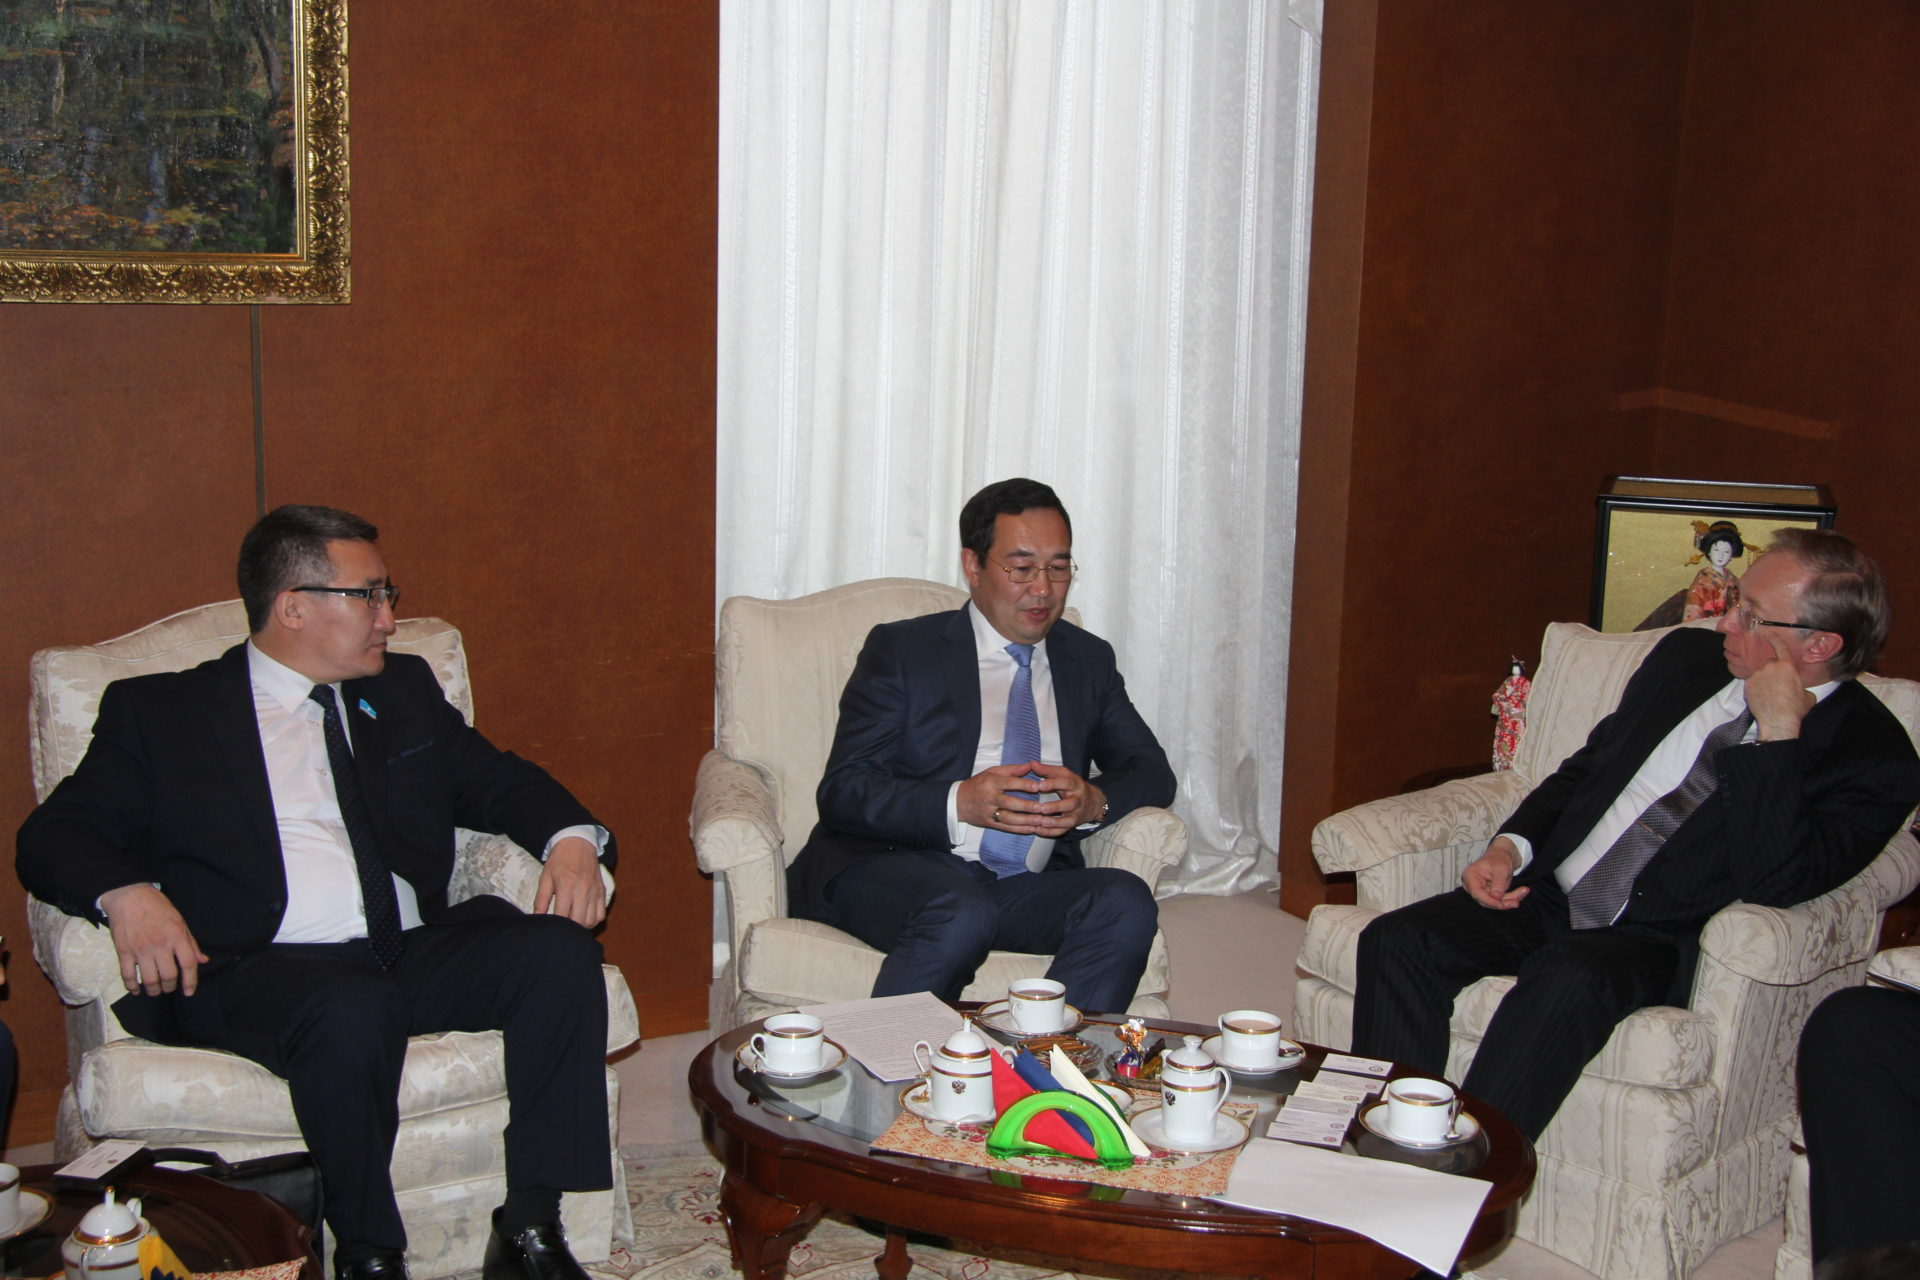 Айсен Николаев проводит в Японии ряд стратегических переговоров